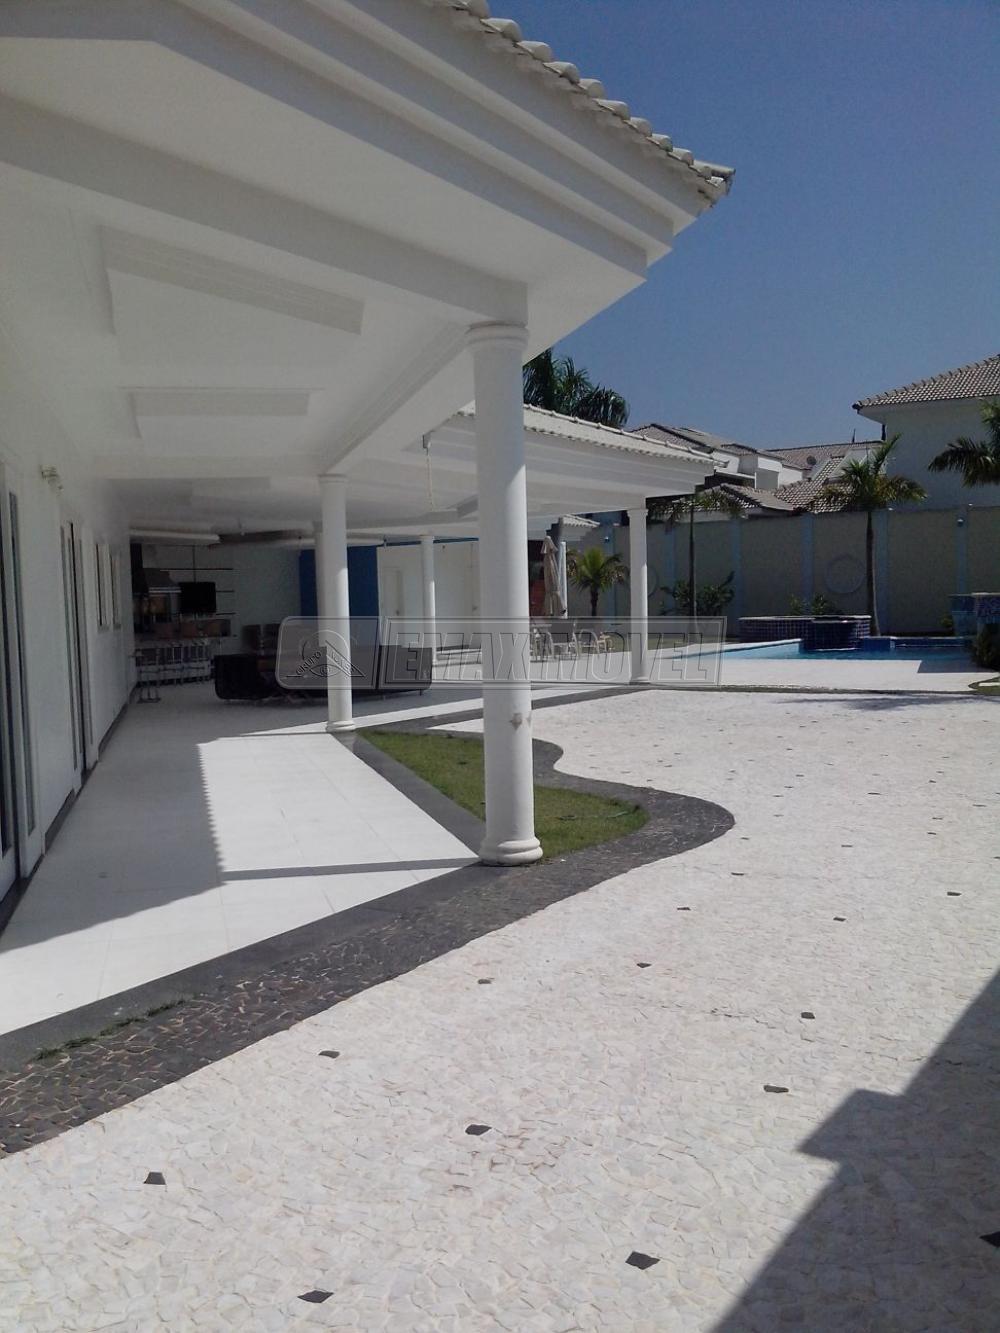 Comprar Casas / em Condomínios em Itu R$ 1.860.000,00 - Foto 20